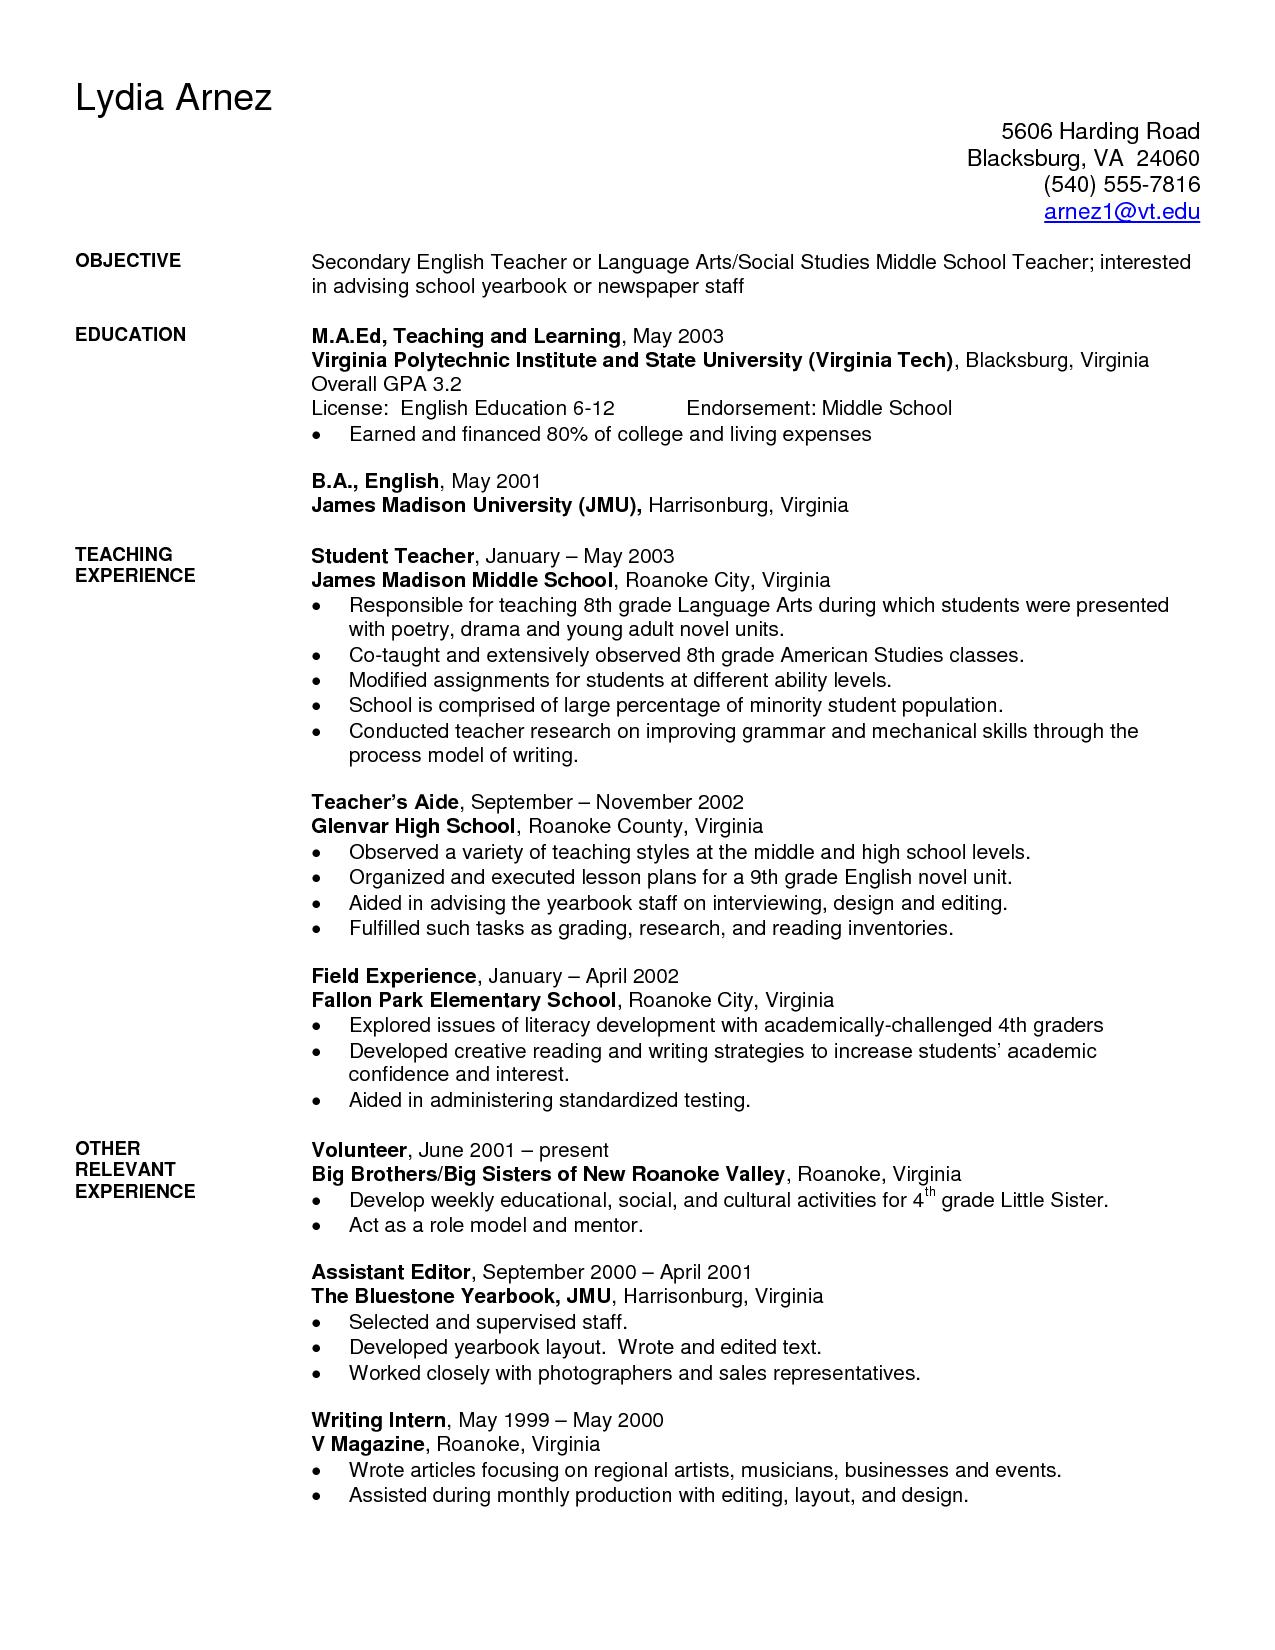 Cv Resume Format For Teacher